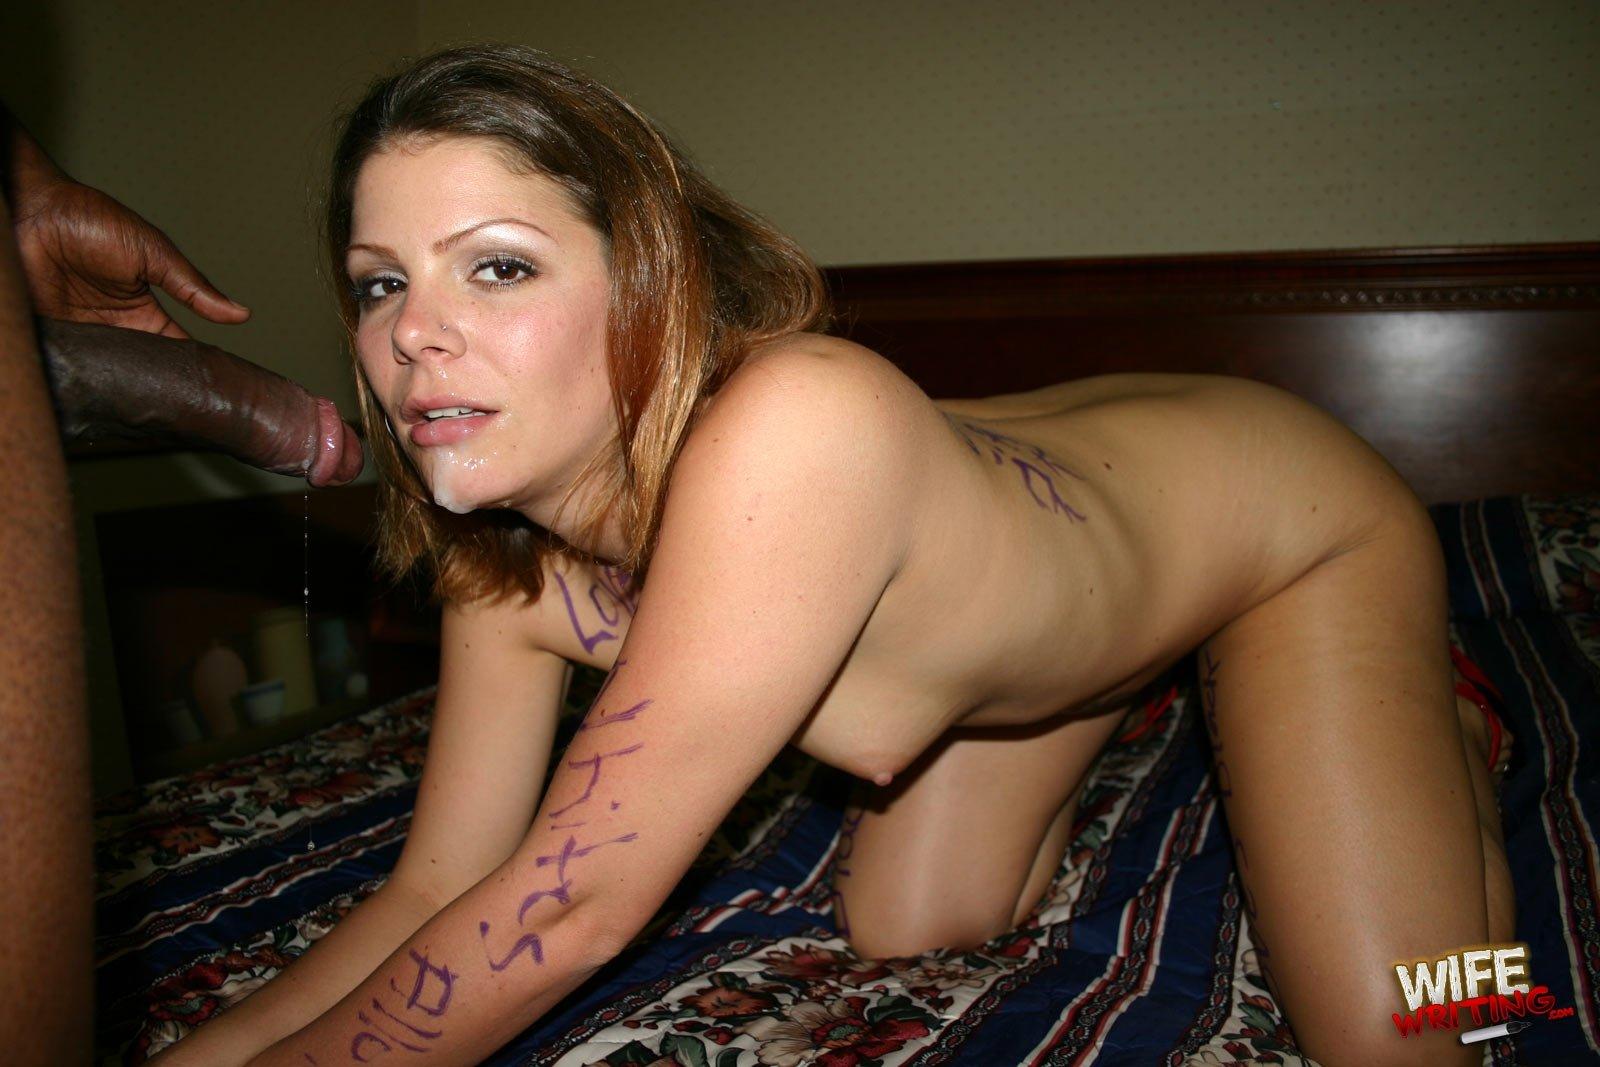 Межрассовый секс - Фото галерея 1062523